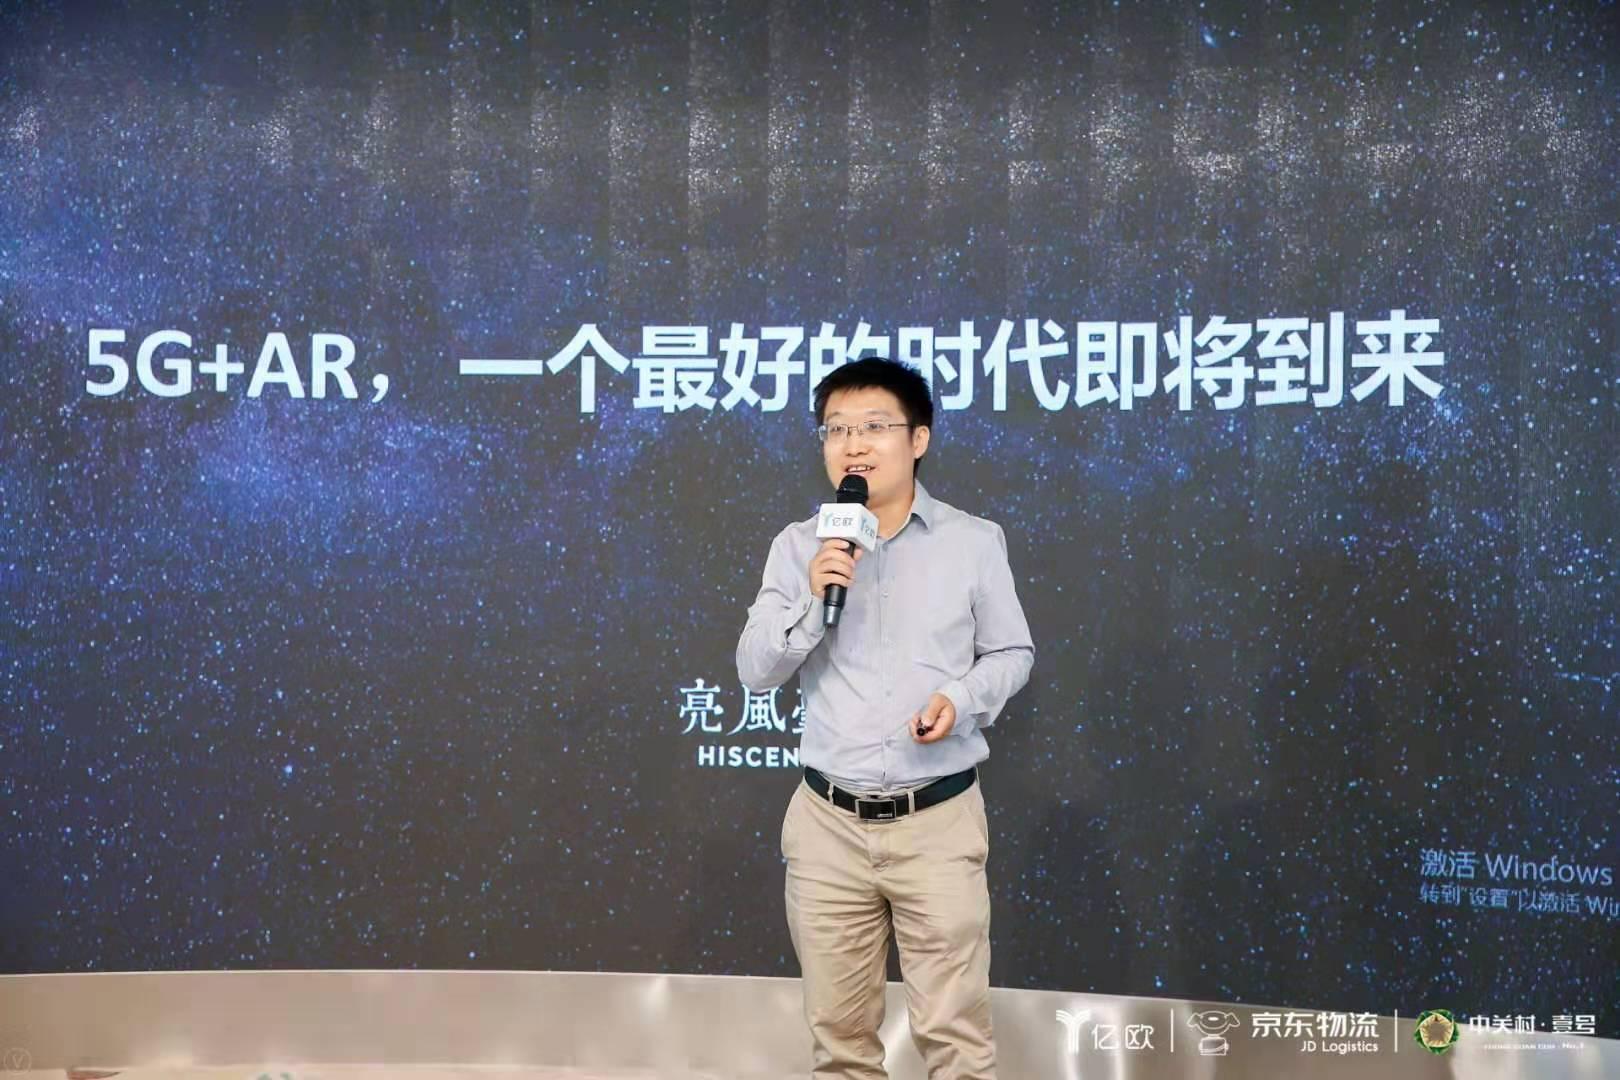 亮风台吴仑:理论到实践,5G+AR带来五大变化